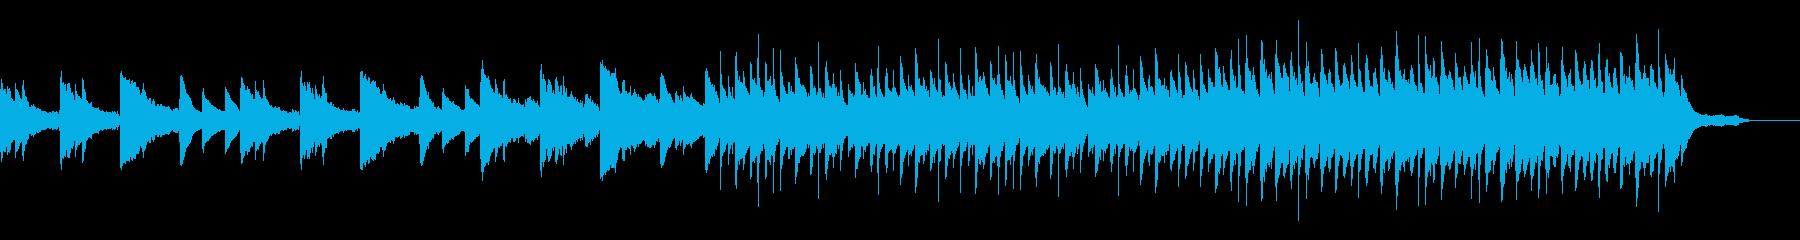 映像CM企業VP、感動的・温かい・日常の再生済みの波形